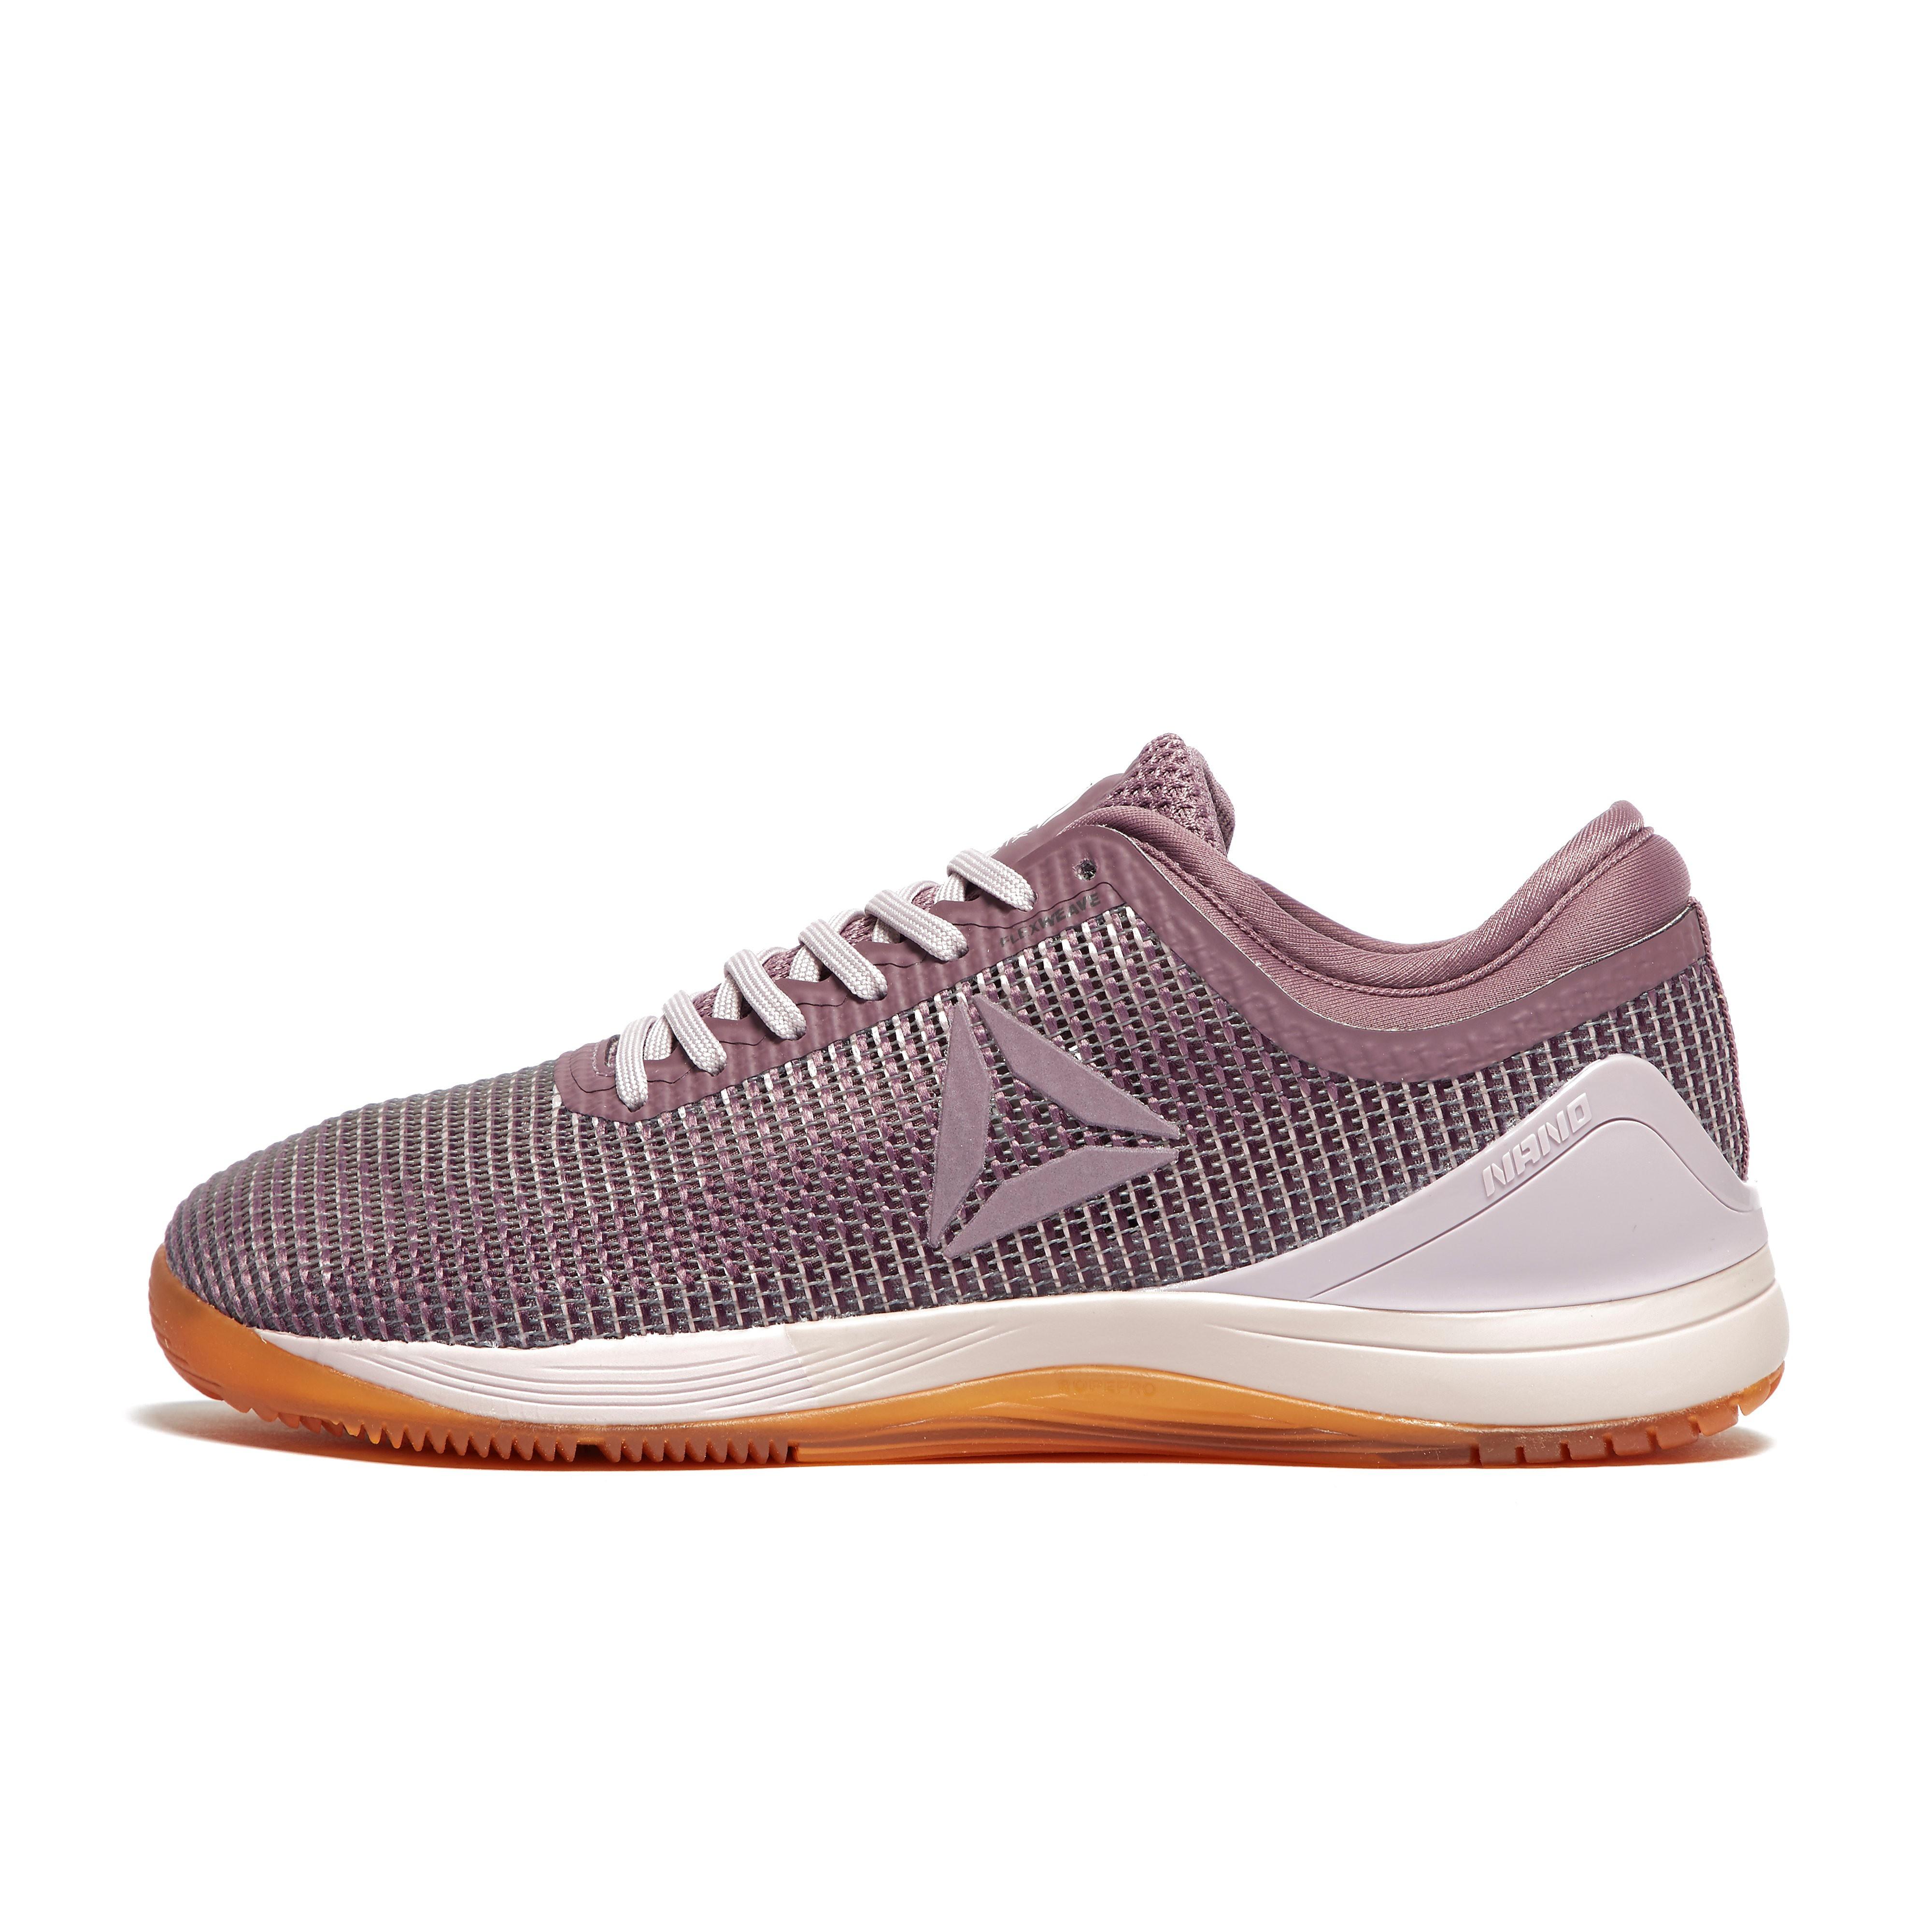 Womens Purple Reebok Crossfit Nano 8.0 Training Shoes